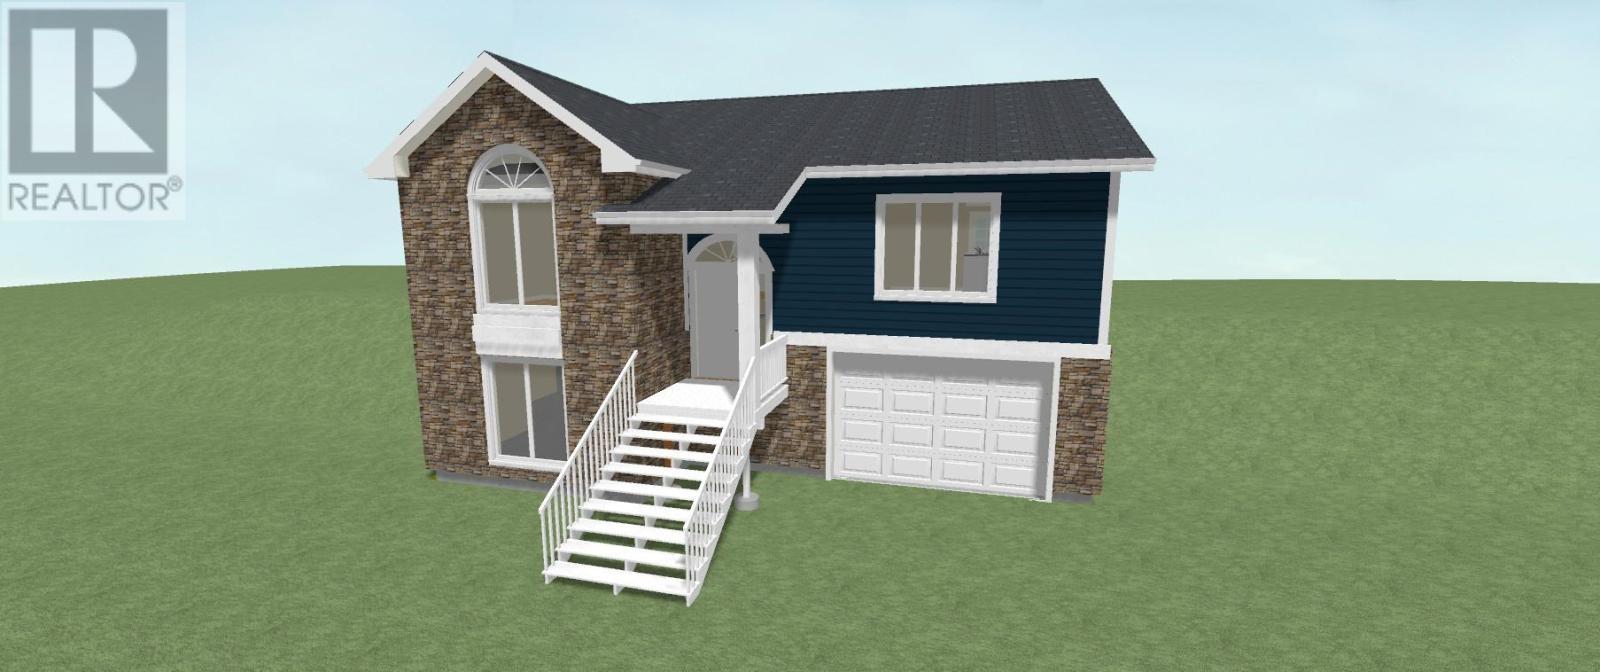 1154500, Lot 9 Spruceland Drive, Clarenville